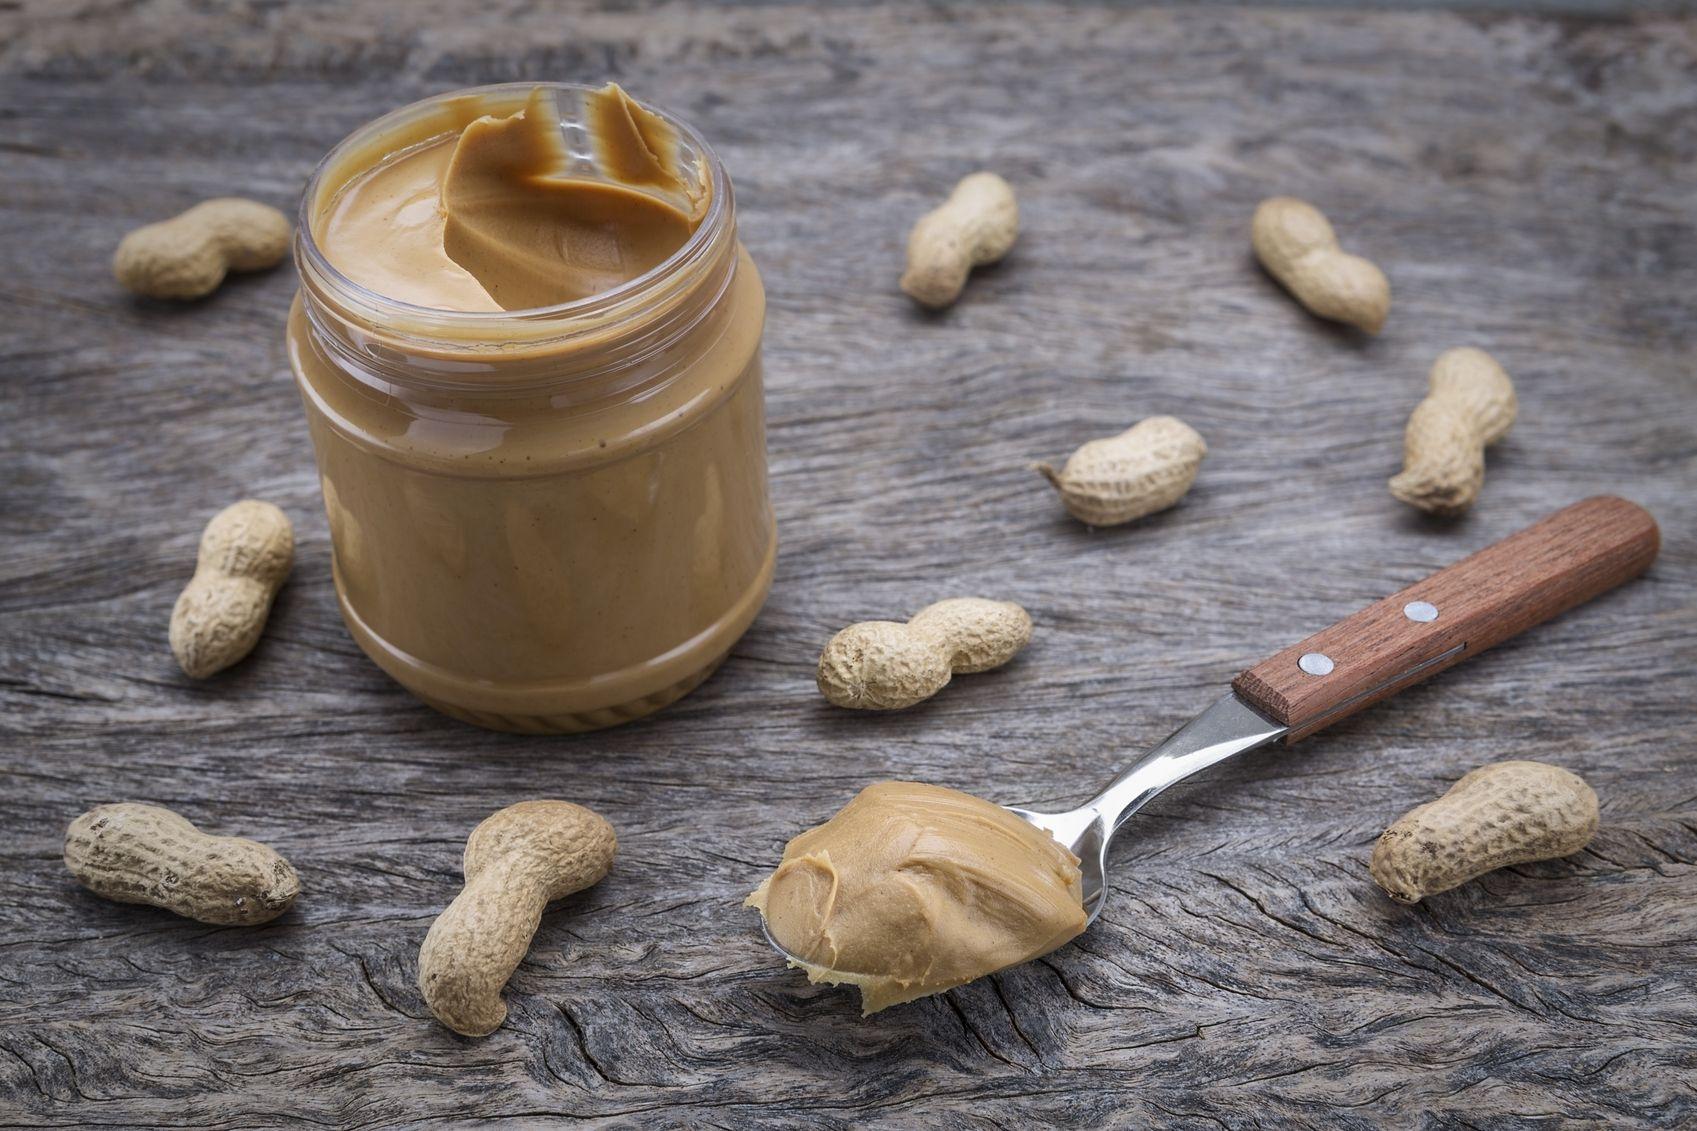 Syö maapähkinävoita ja boostaa kehoasi! Oikeanlainen maapähkinävoi on täynnä hyödyllisiä ainesosia ja se on täydellinen valinta treenaaville.